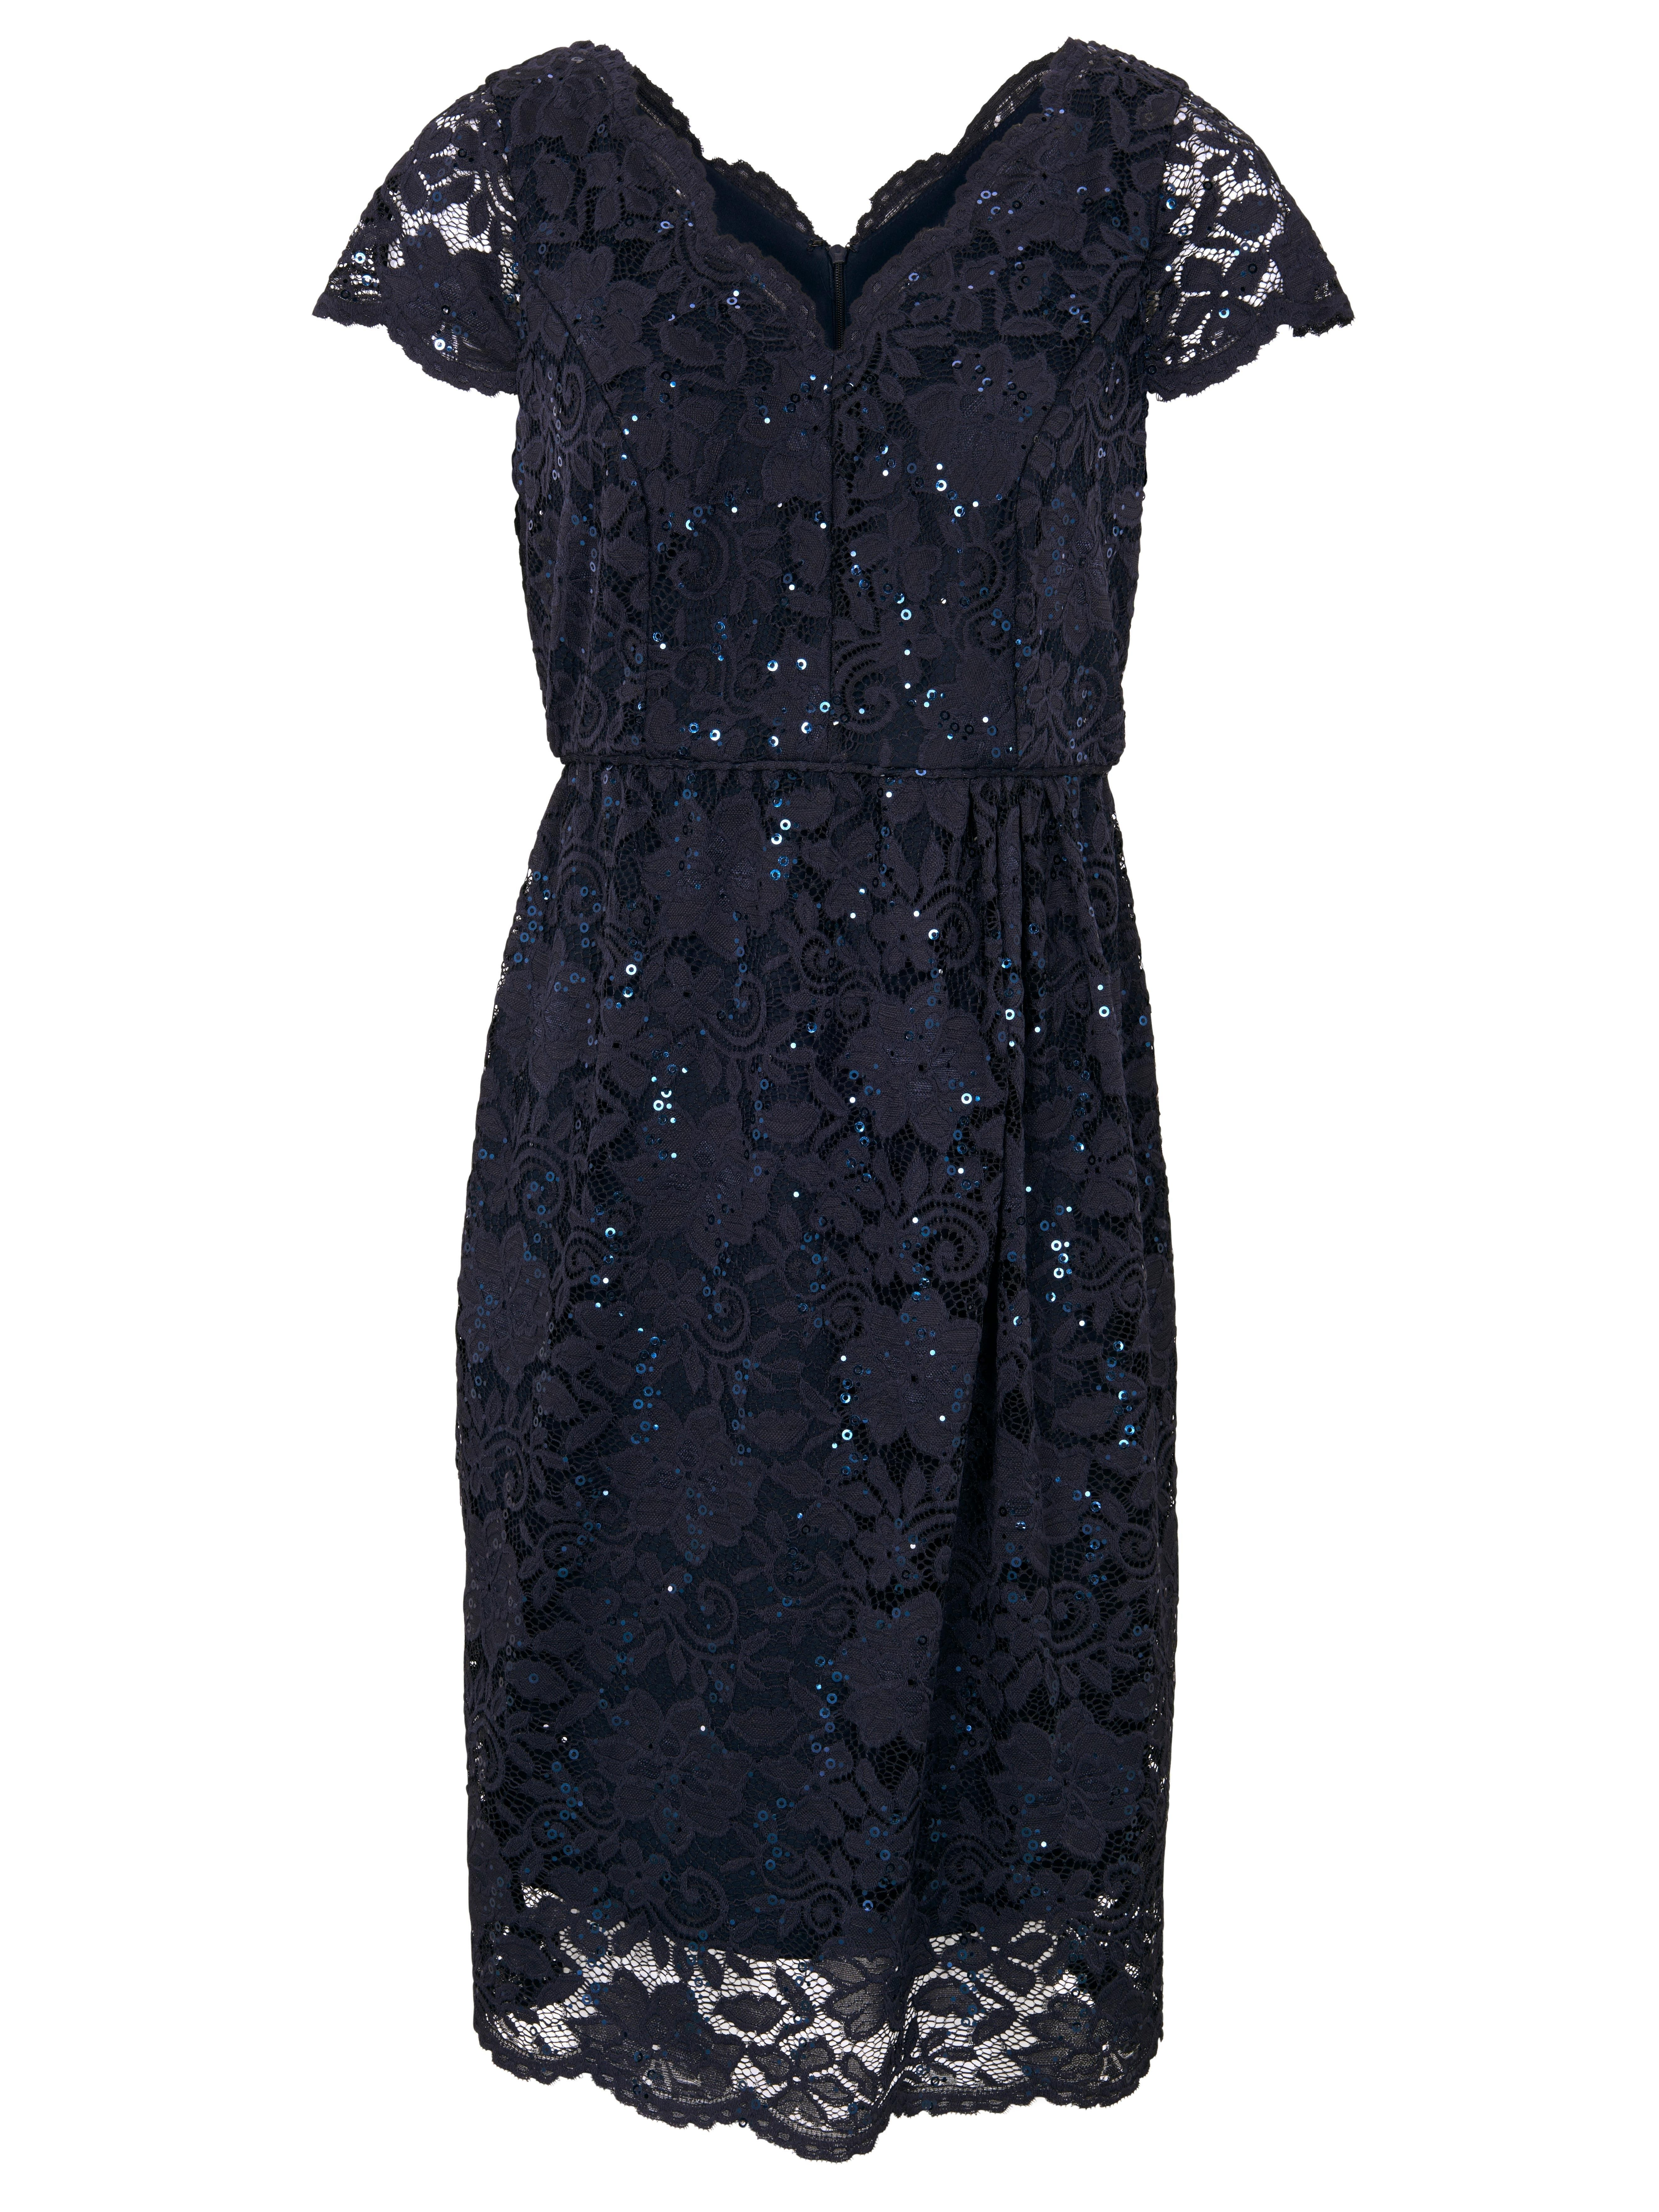 ASHLEY BROOKE by Heine Kanten jurk - verschillende betaalmethodes